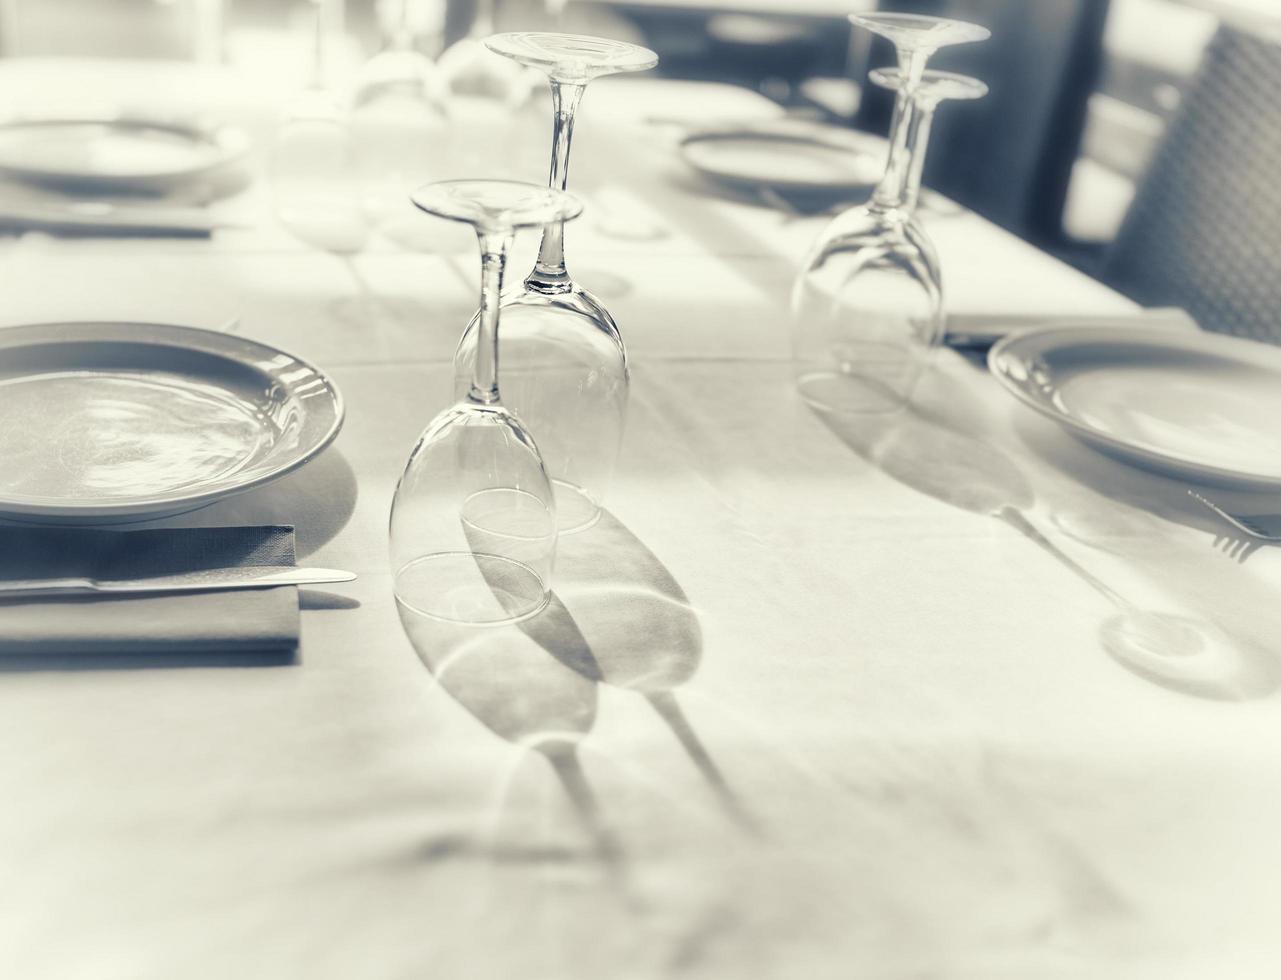 Neigungsfotografie von Fine Dining foto